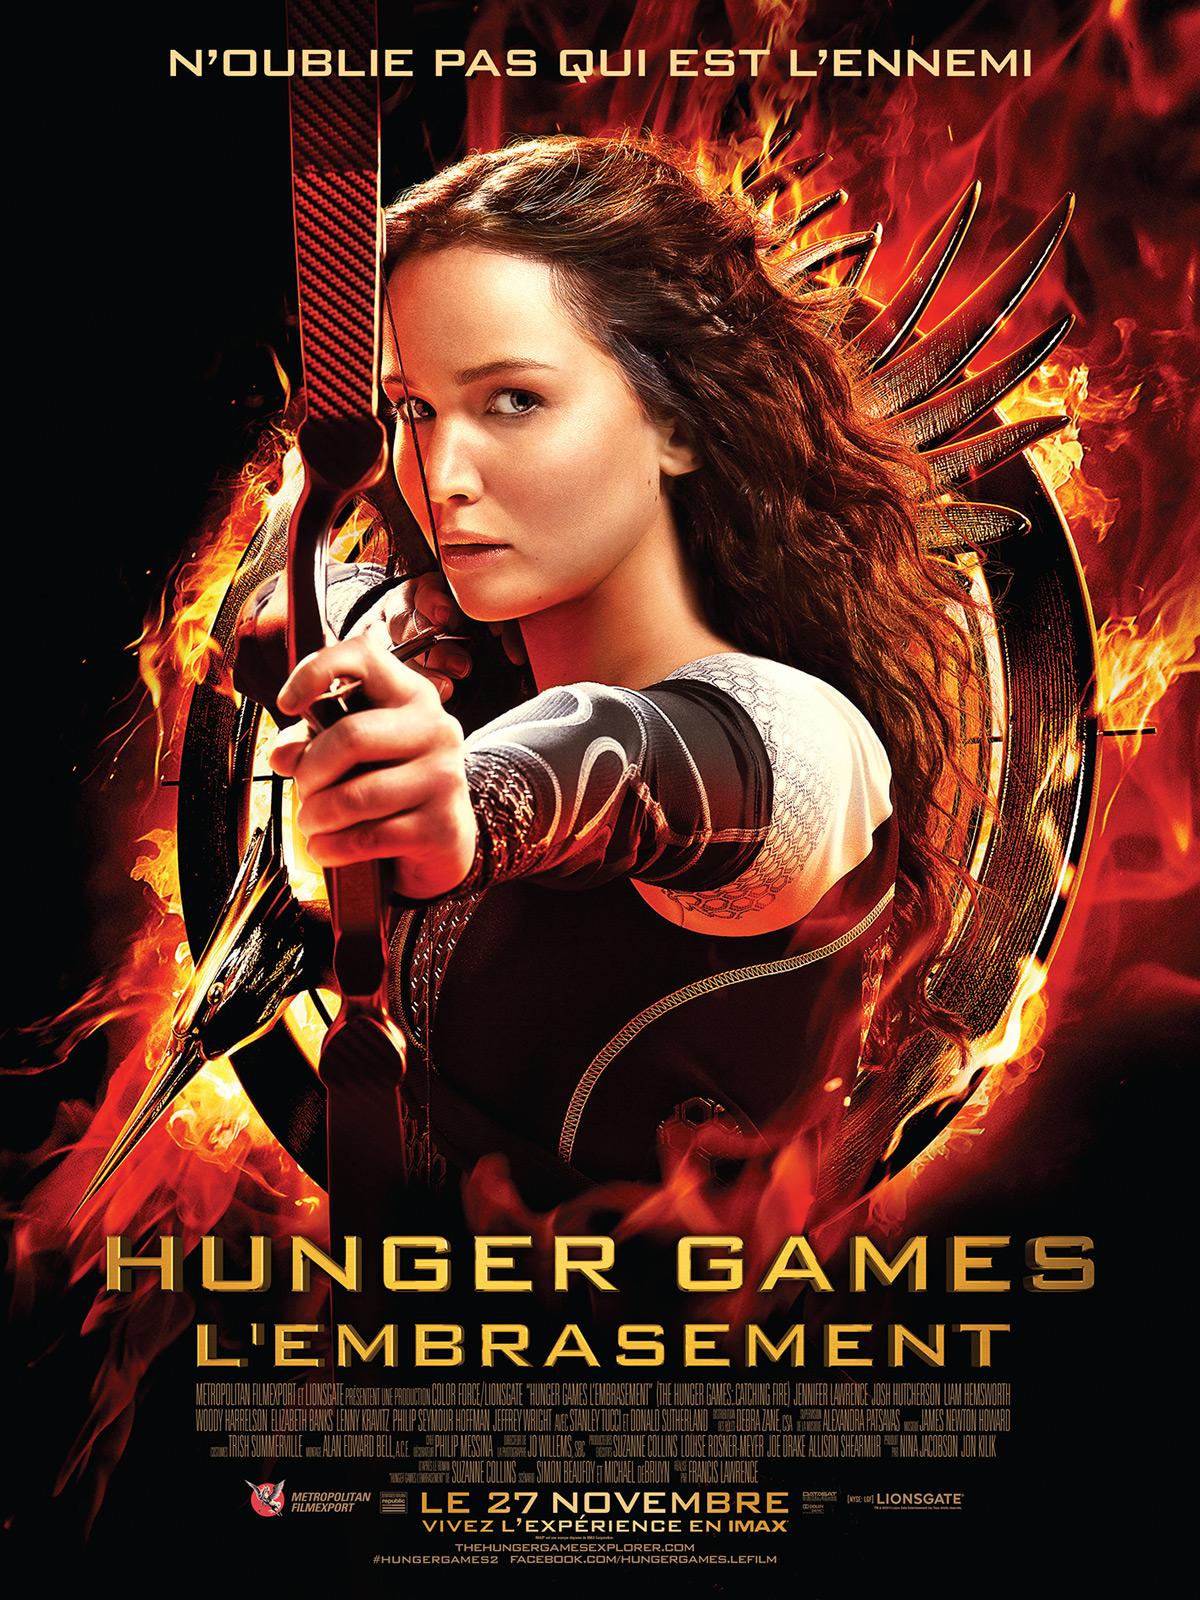 Hunger Games 2 (ou le meilleur film du monde précisément)